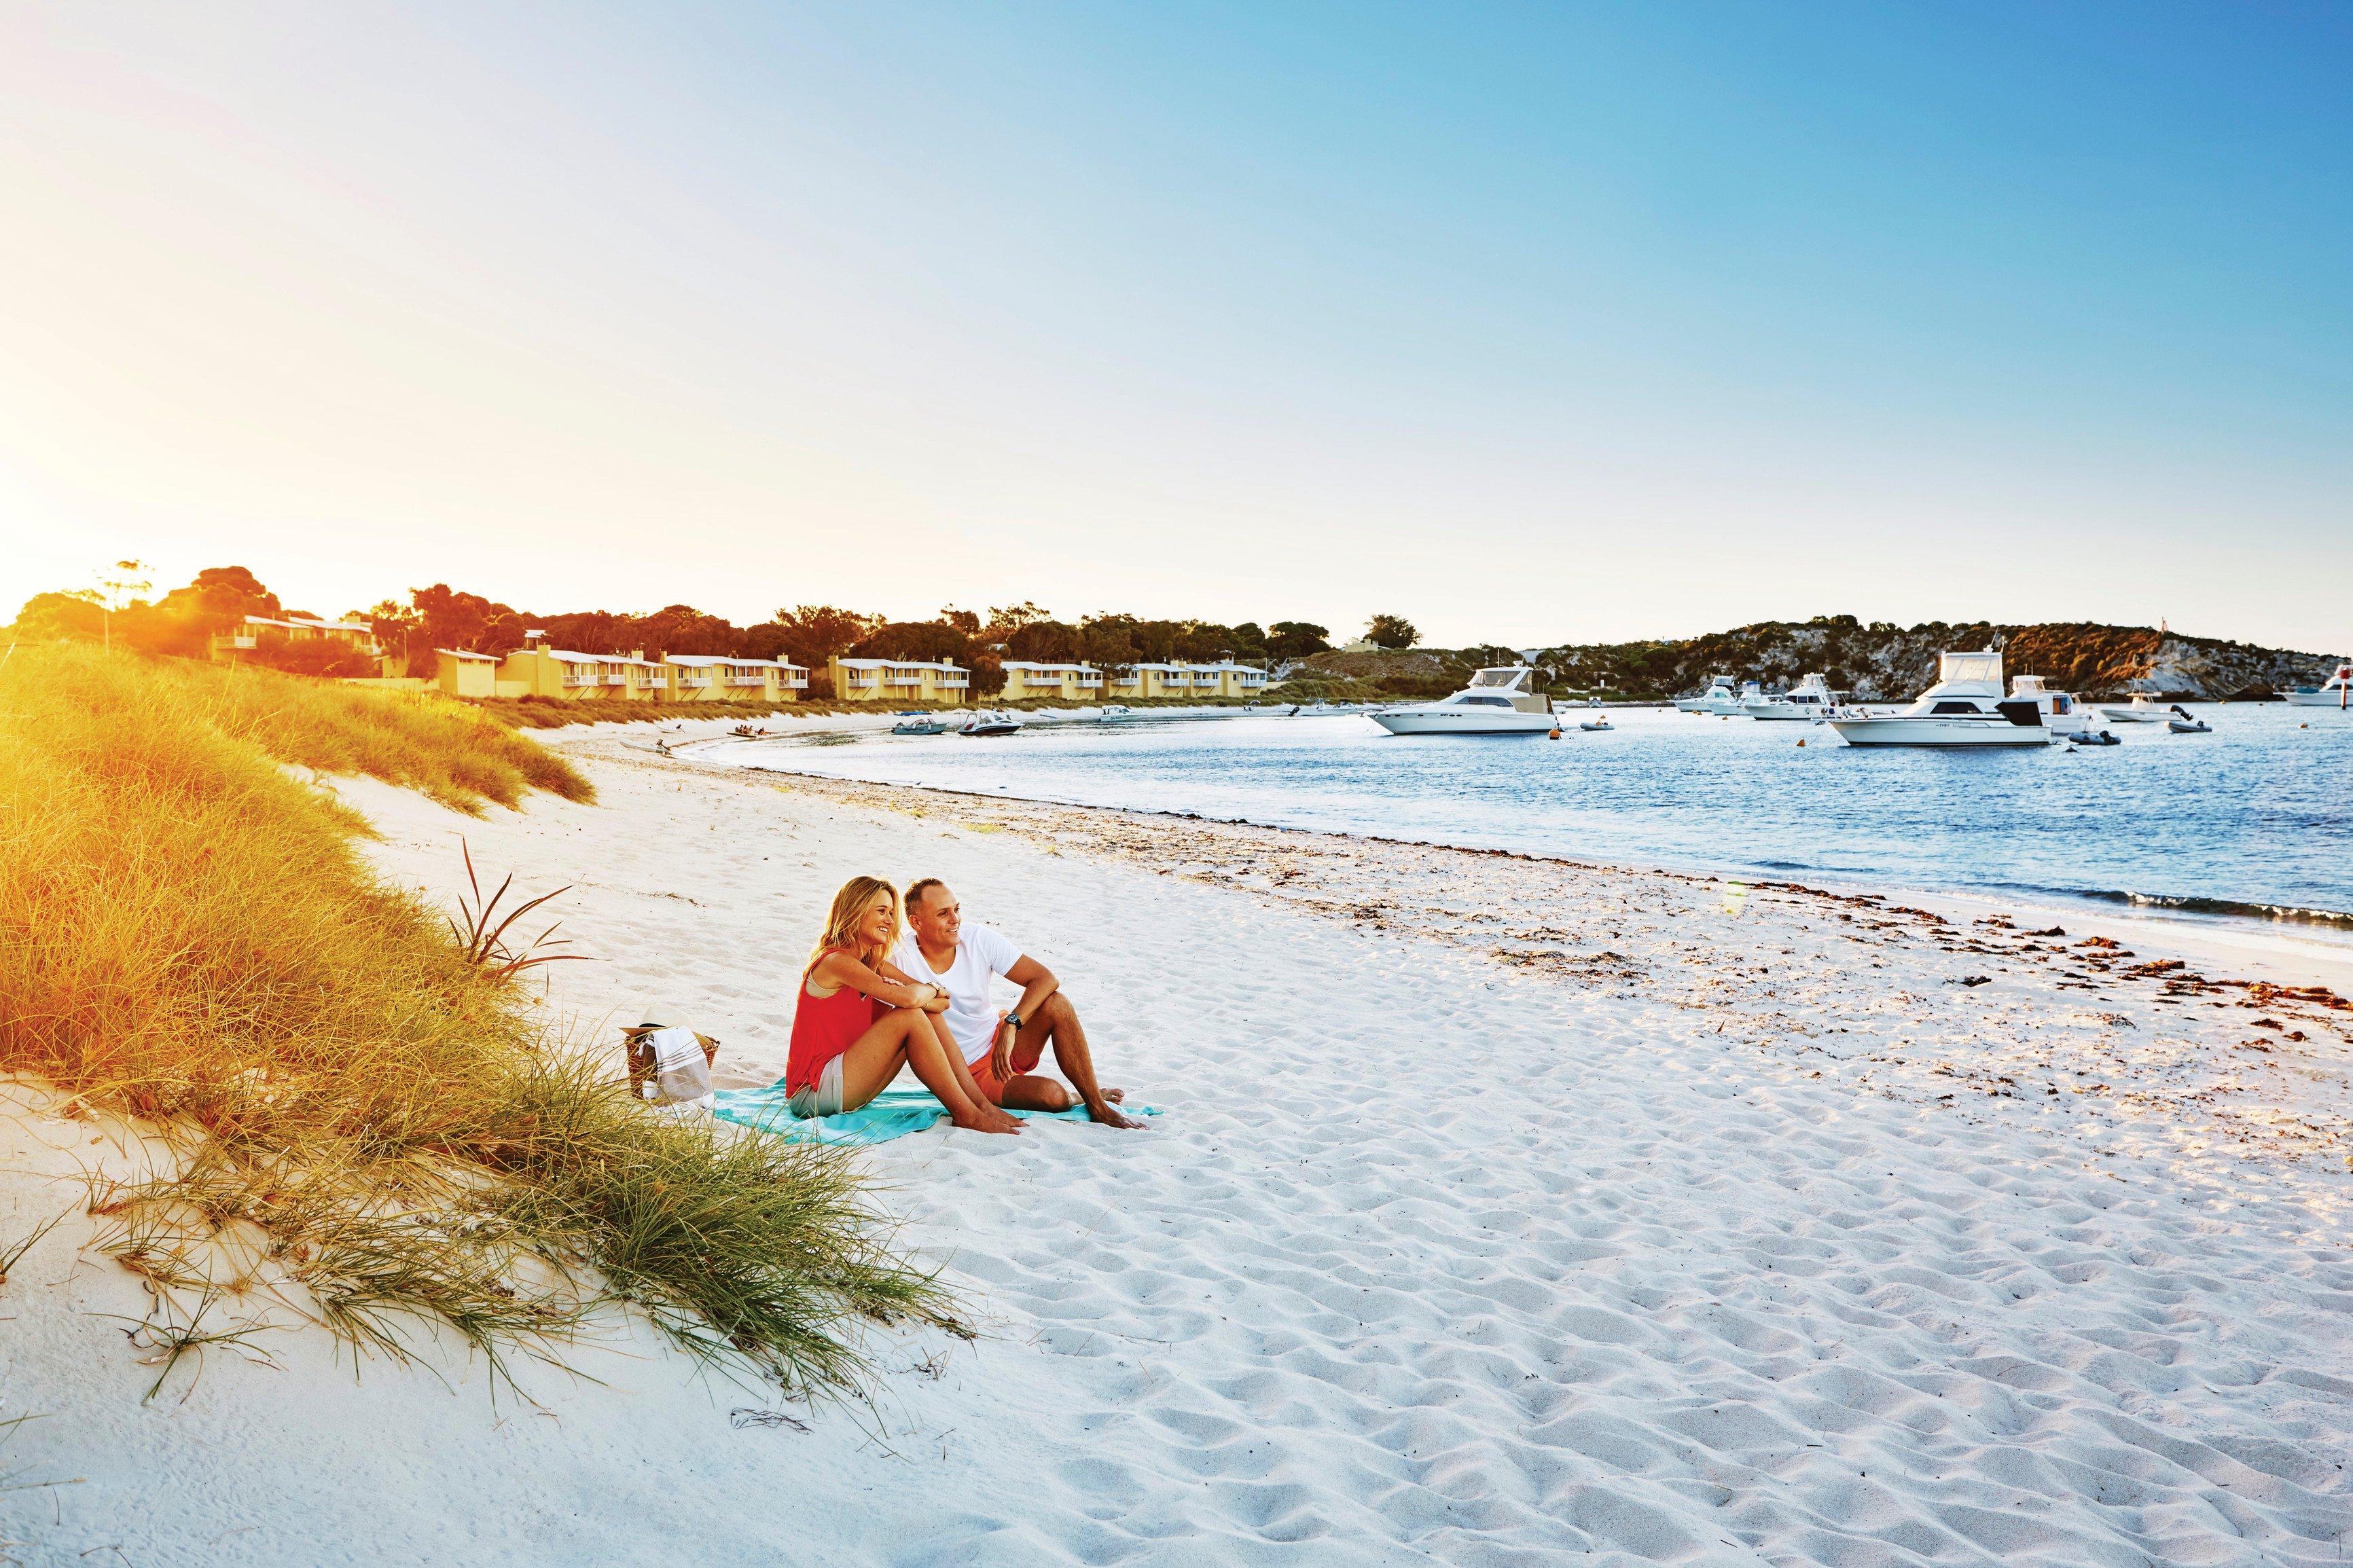 13e0b26e617d3eff7f7fbeefd3f8605b - Khám phá TOP 10 bãi biển đẹp nhất Tây Úc